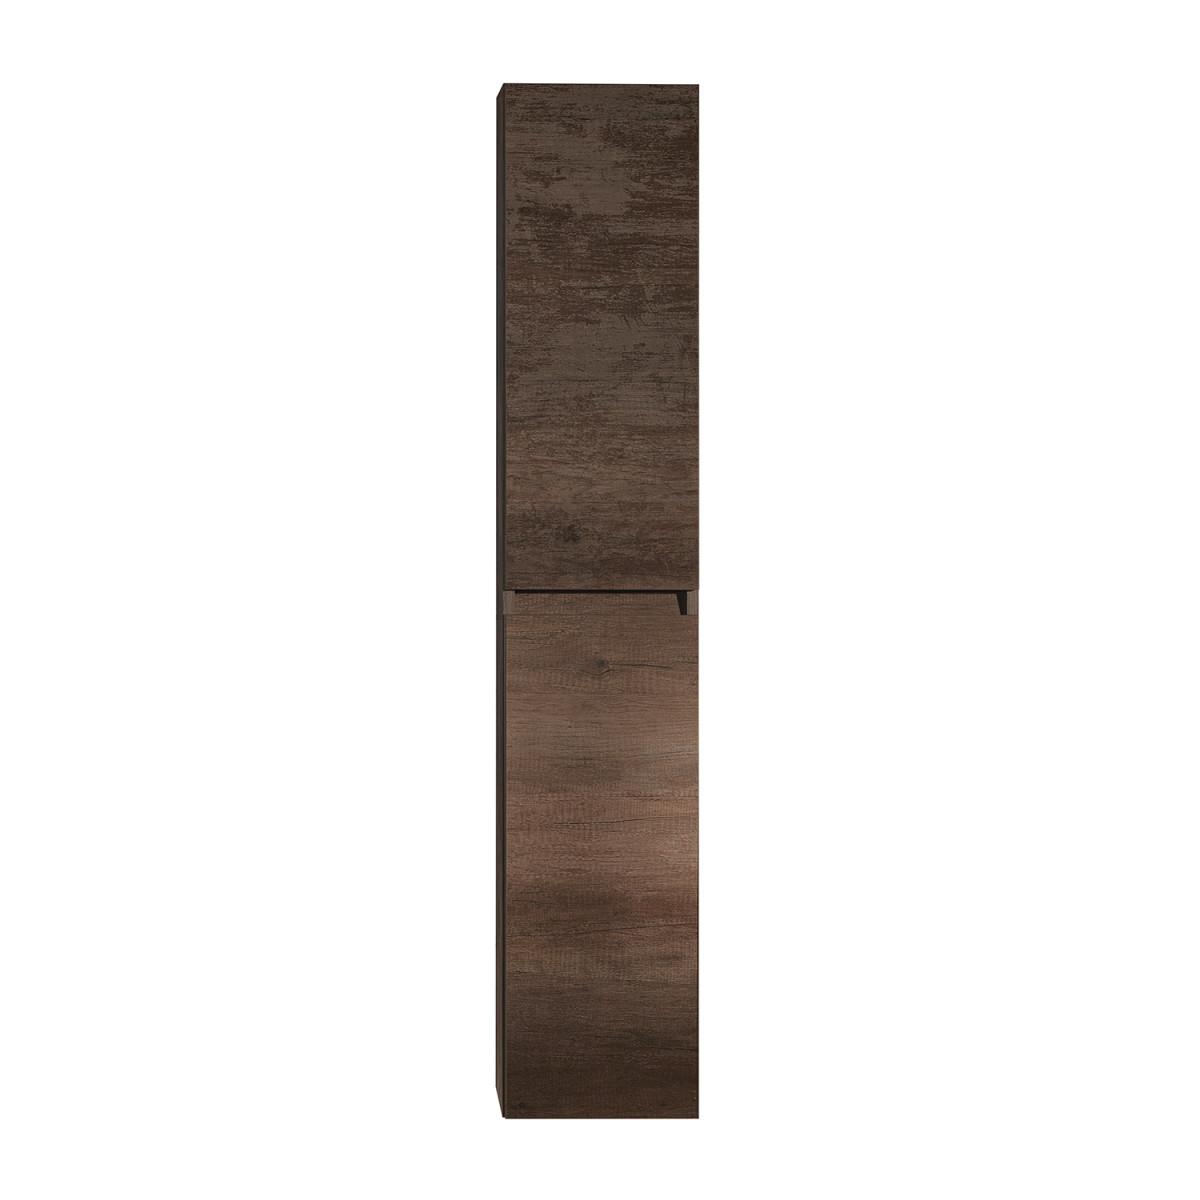 Mobile bagno Kora rovere scuro L 61 cm: prezzi e offerte online